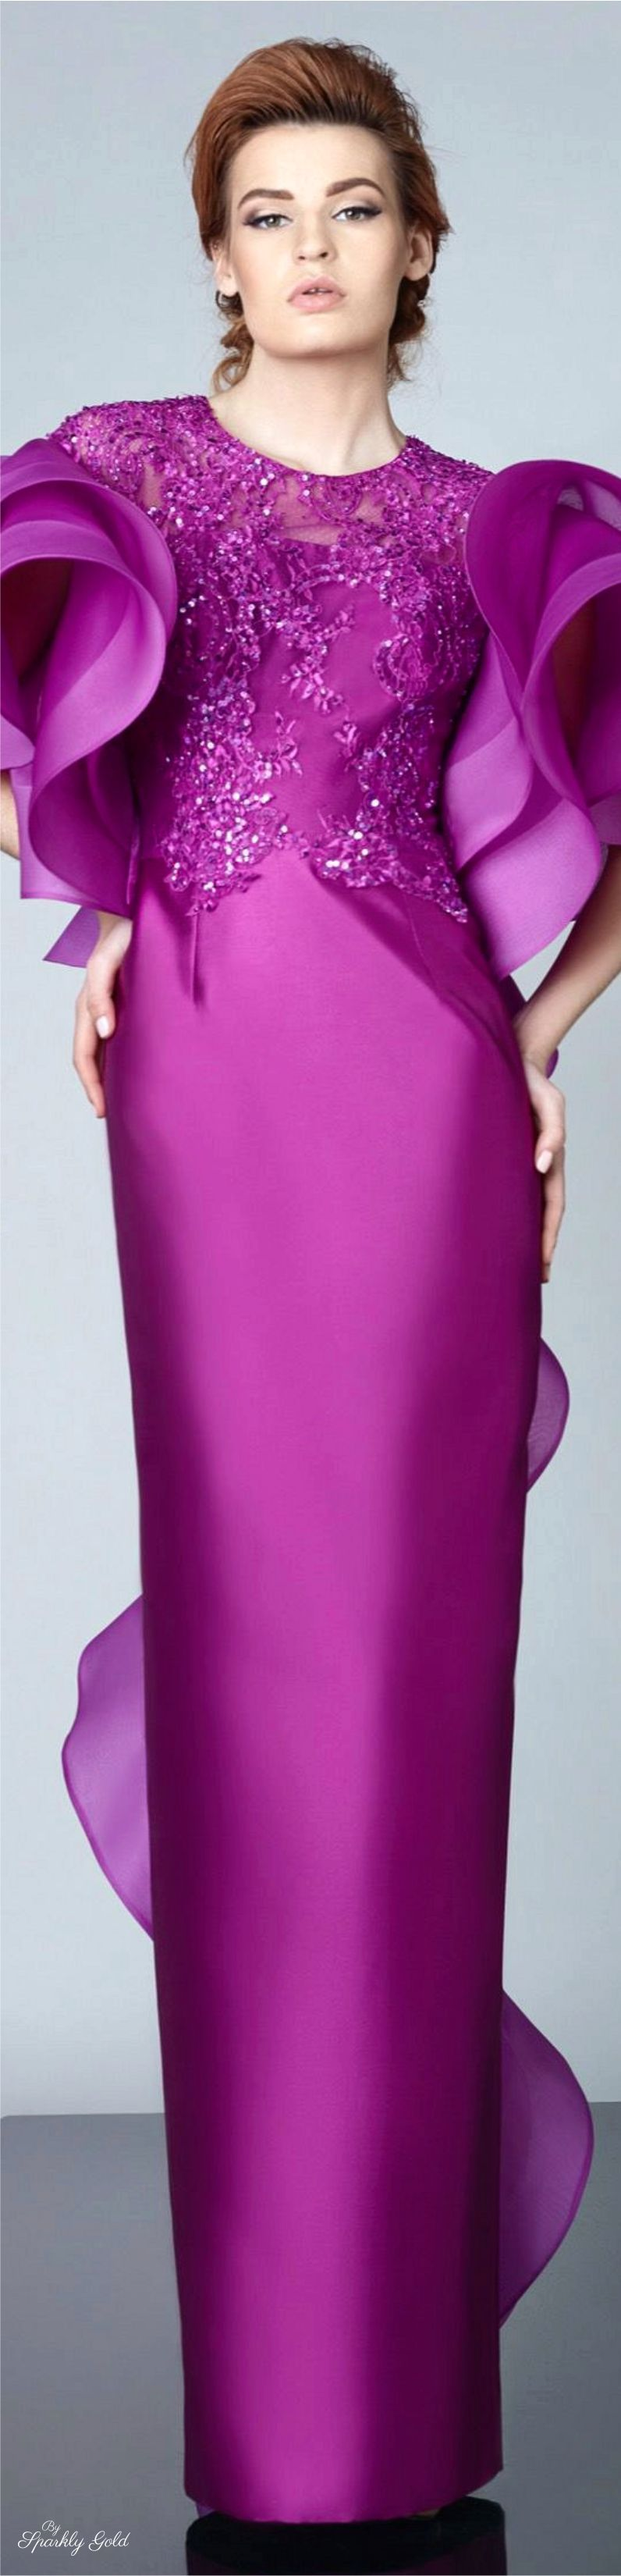 Atractivo Maxi Vestidos De Dama De Color Púrpura Bosquejo - Ideas de ...